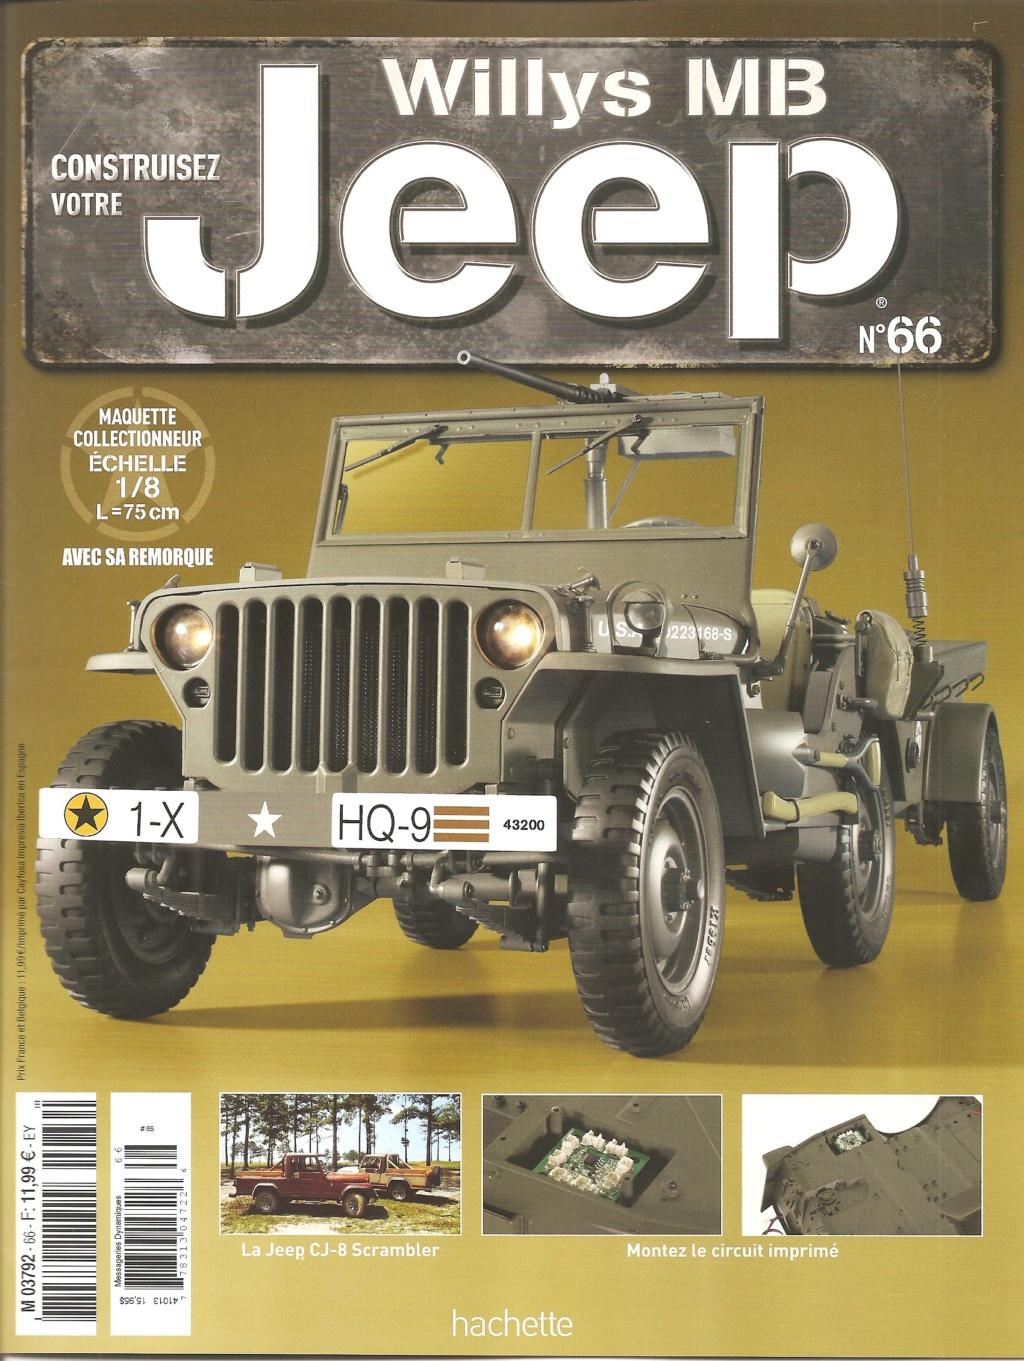 Jeep Willis Hachette au 1/8 [partie I] - Page 21 N66_pa10